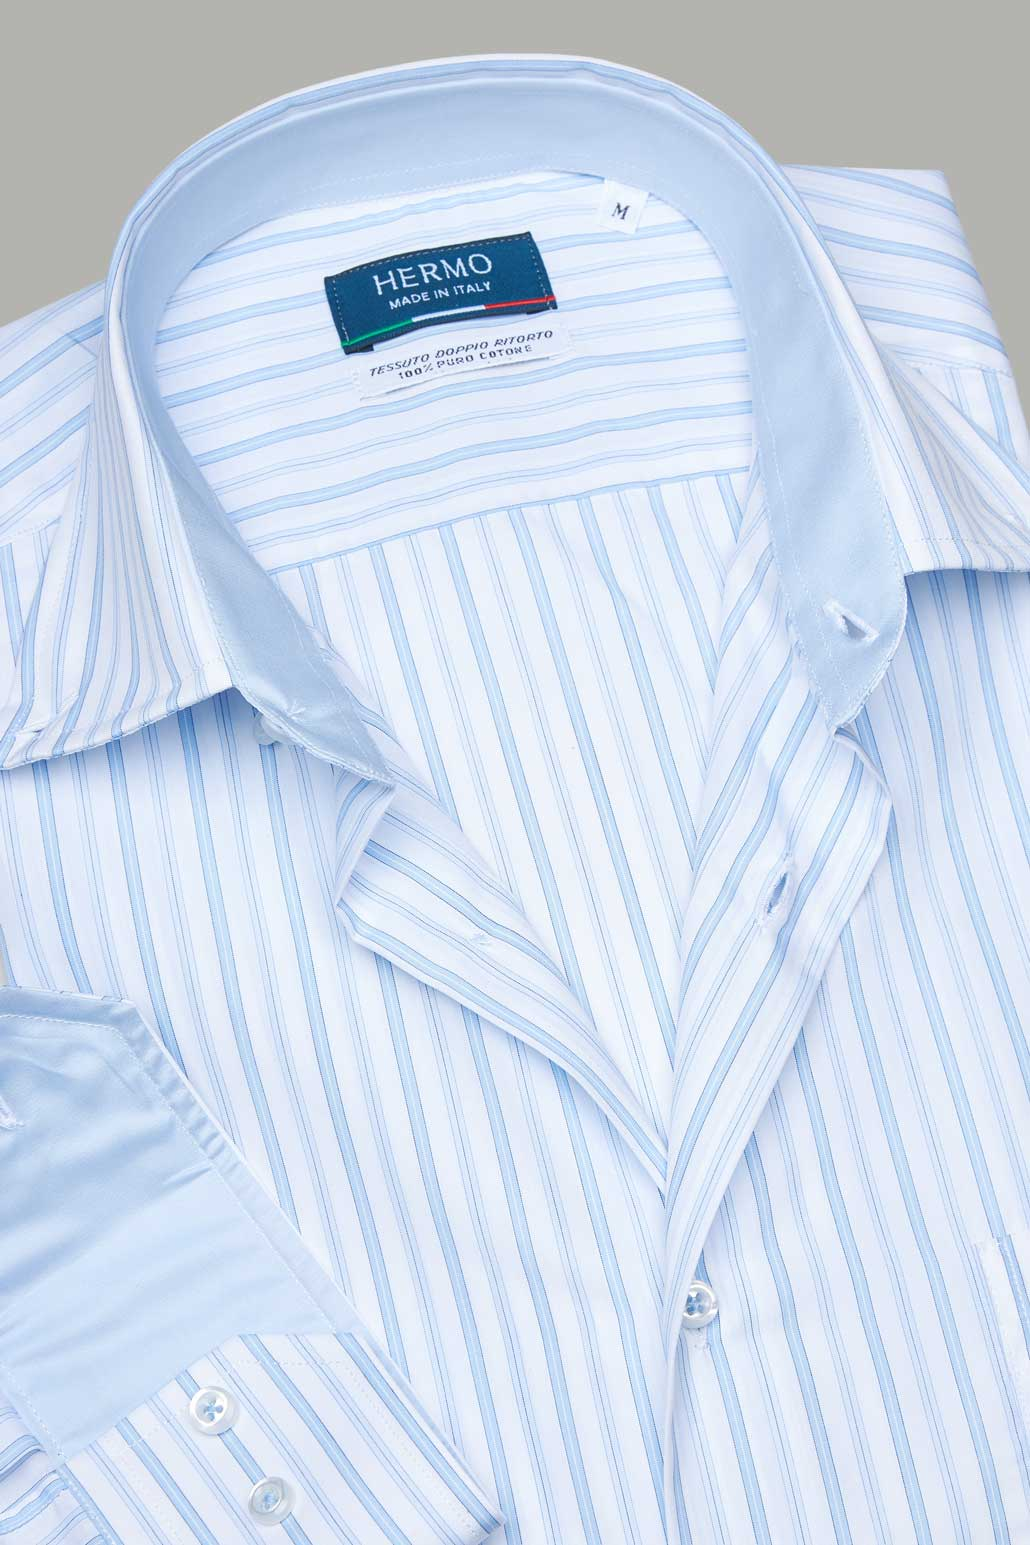 Dettaglio camicia azzurra a righe puro cotone doppio ritorto